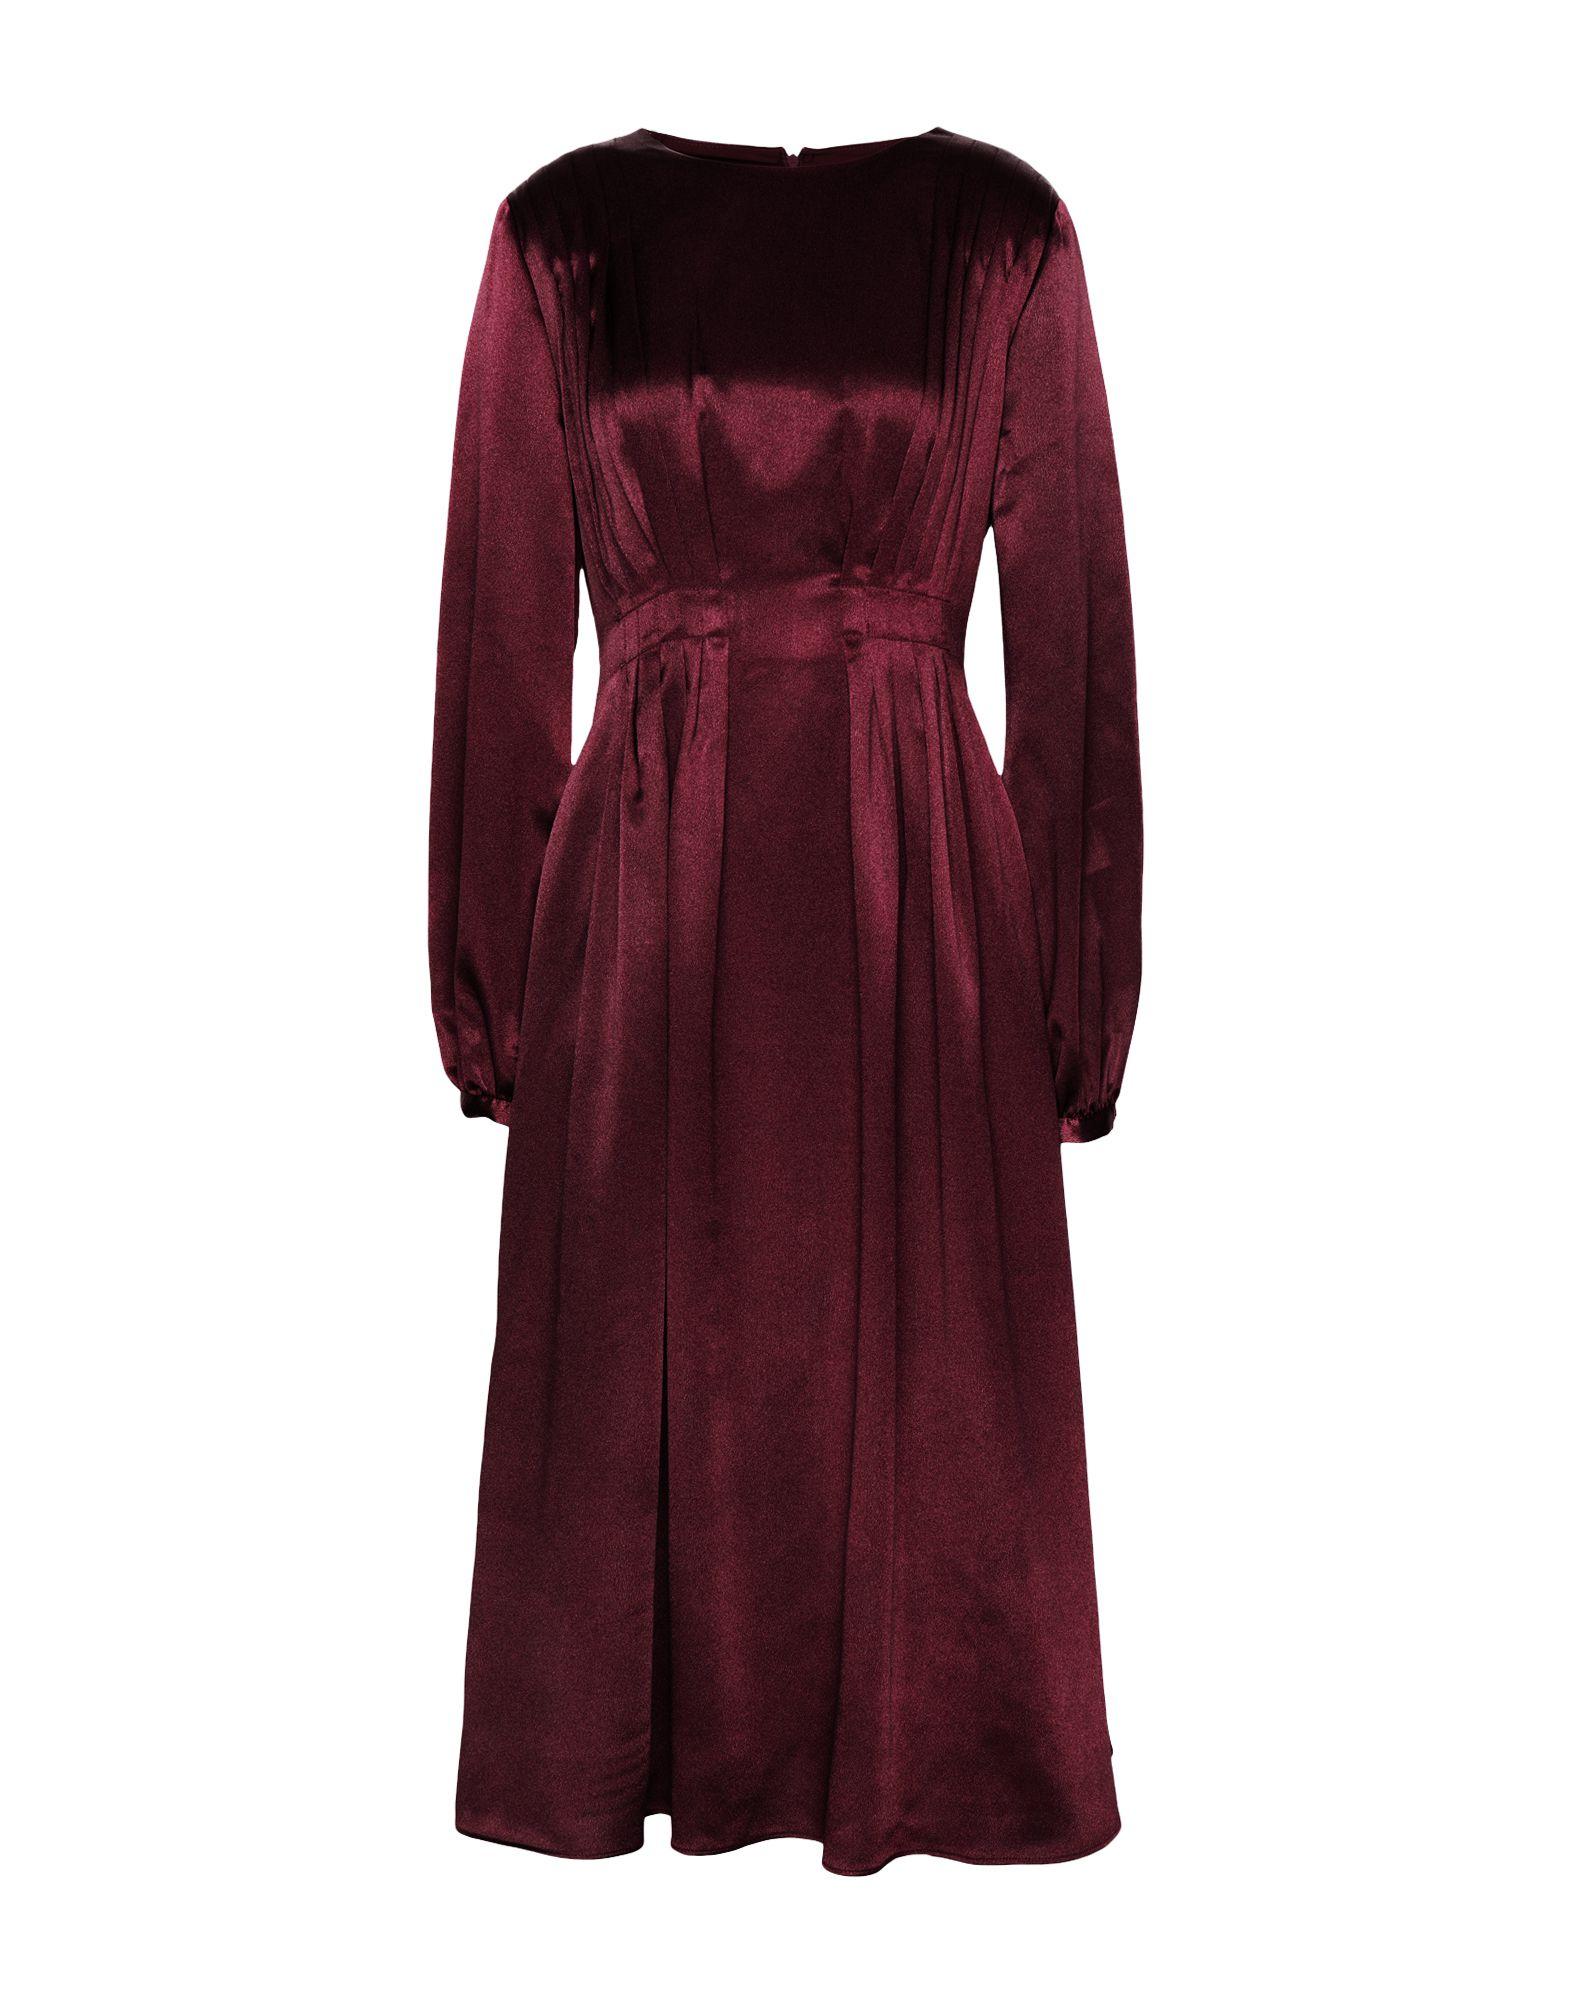 8 by YOOX Платье длиной 3/4 платье с рукавами в 3 4 gloss